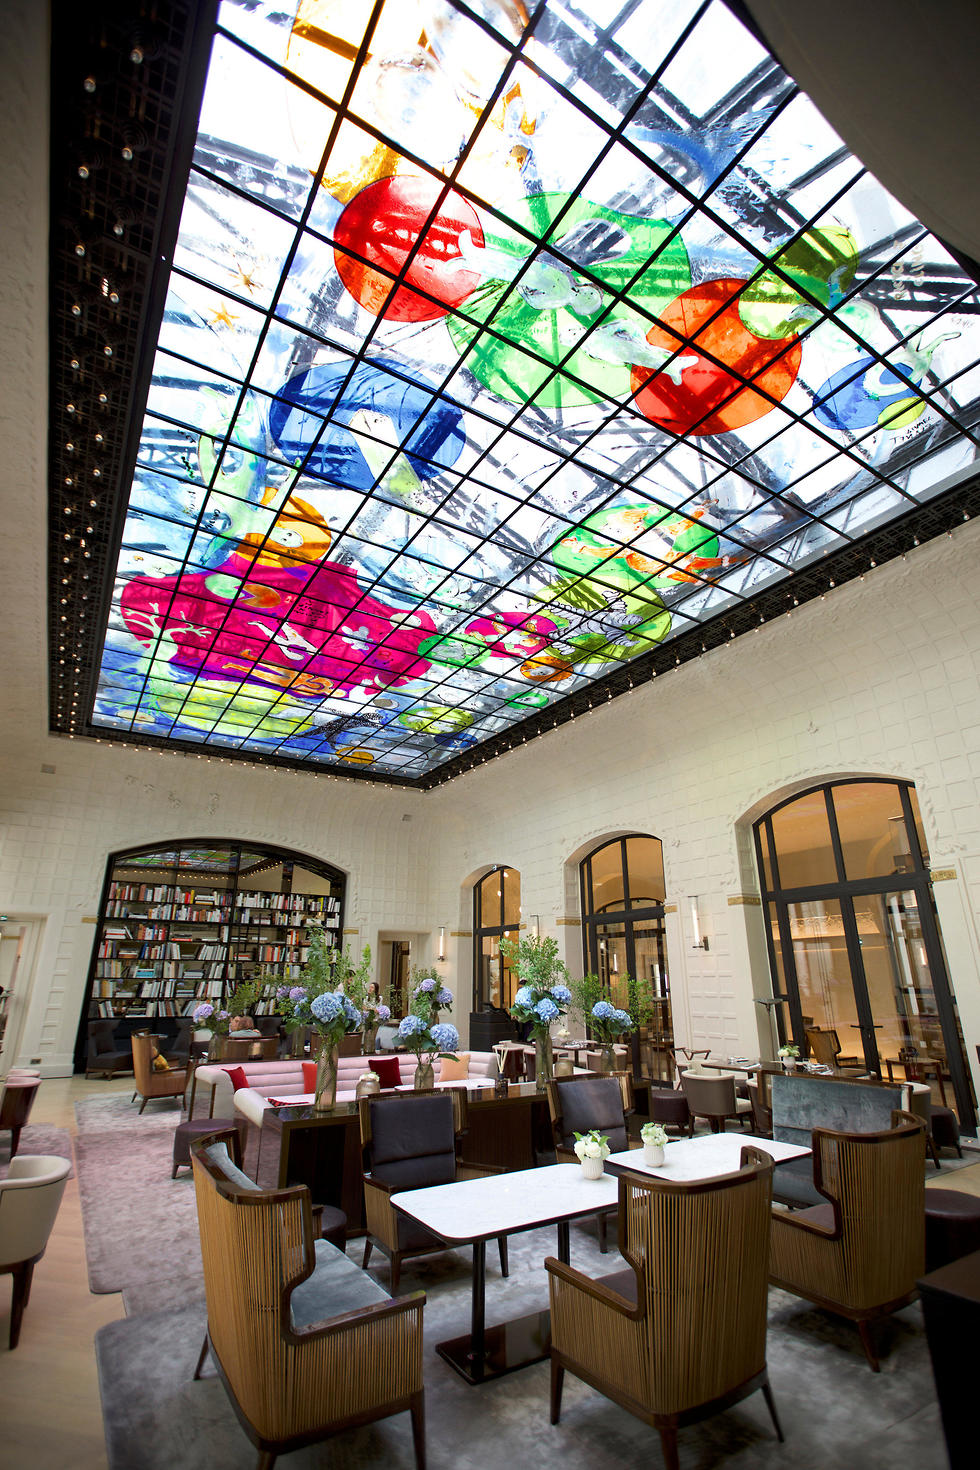 מלון לוטציה (צילום: רויטרס)